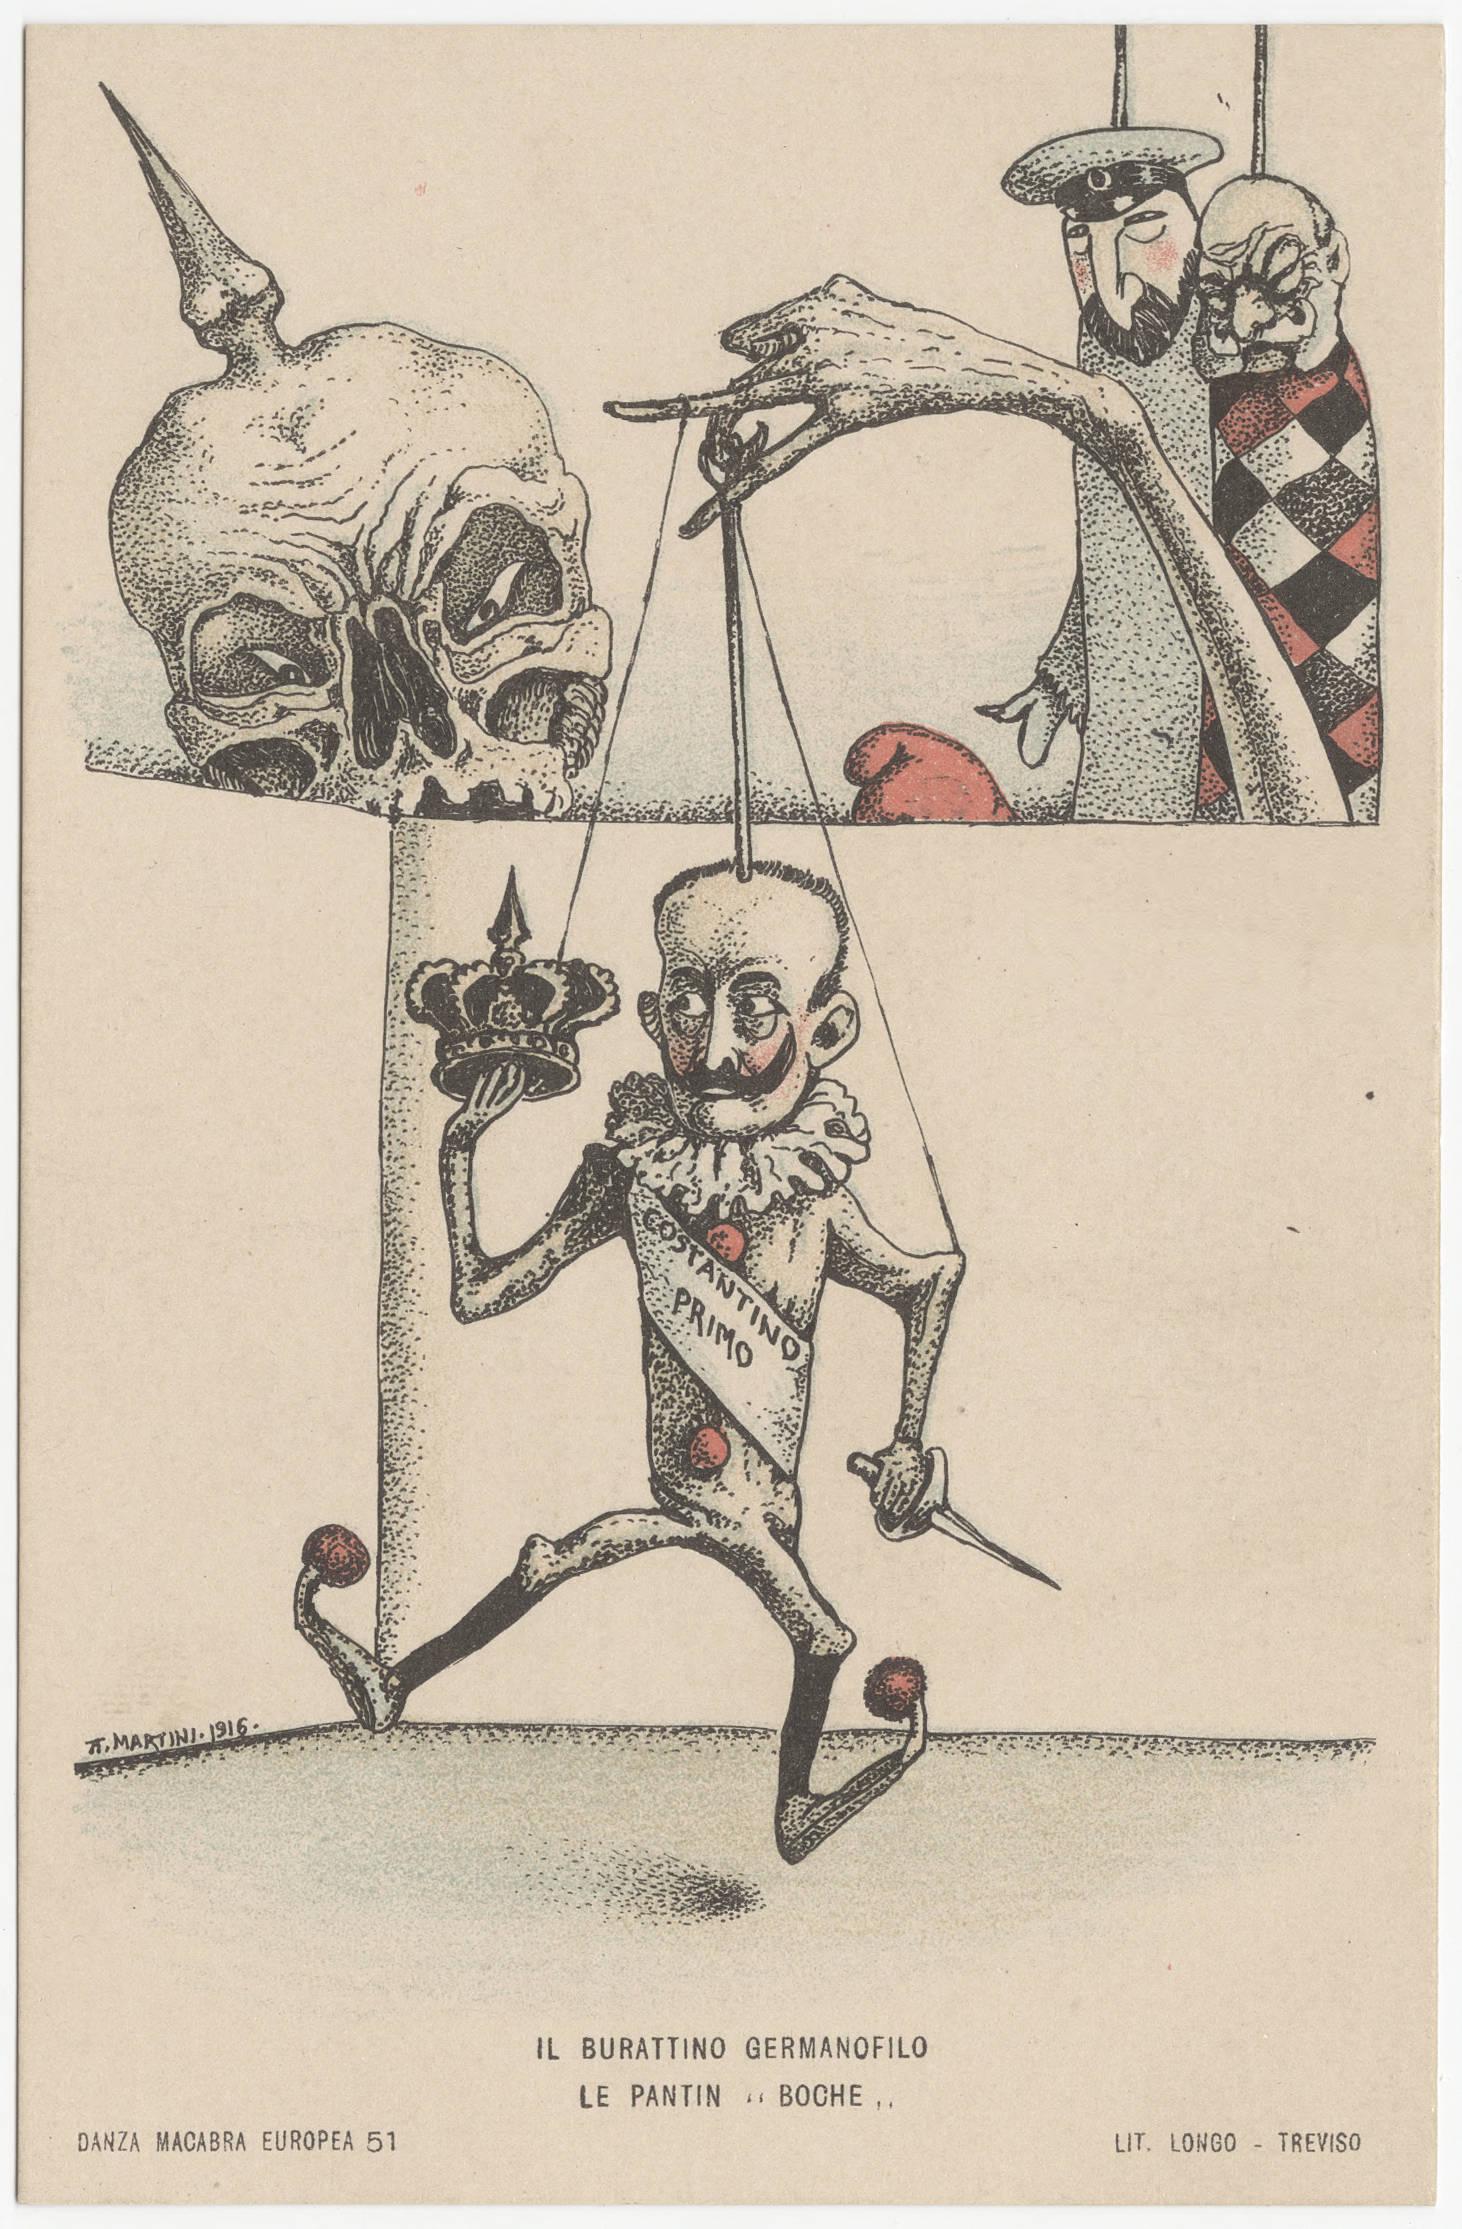 Alberto Martini 1916 Danza macabra Europea 51 Le pantin boche